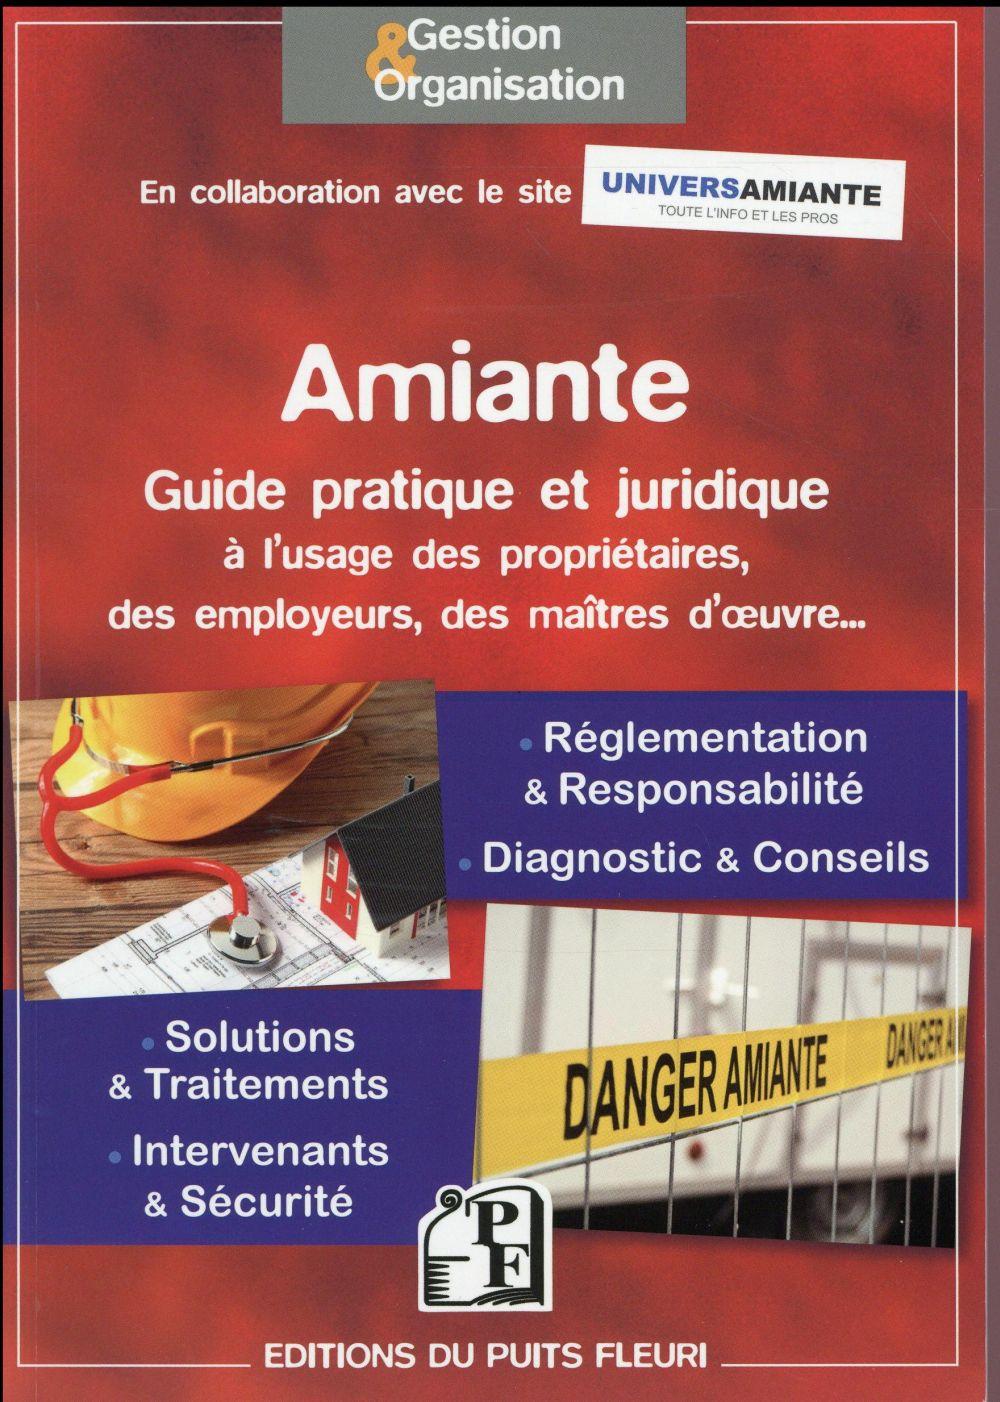 Amiante : guide pratique à l'usage des propriétaires, des employeurs et des maîtres d'oeuvre...